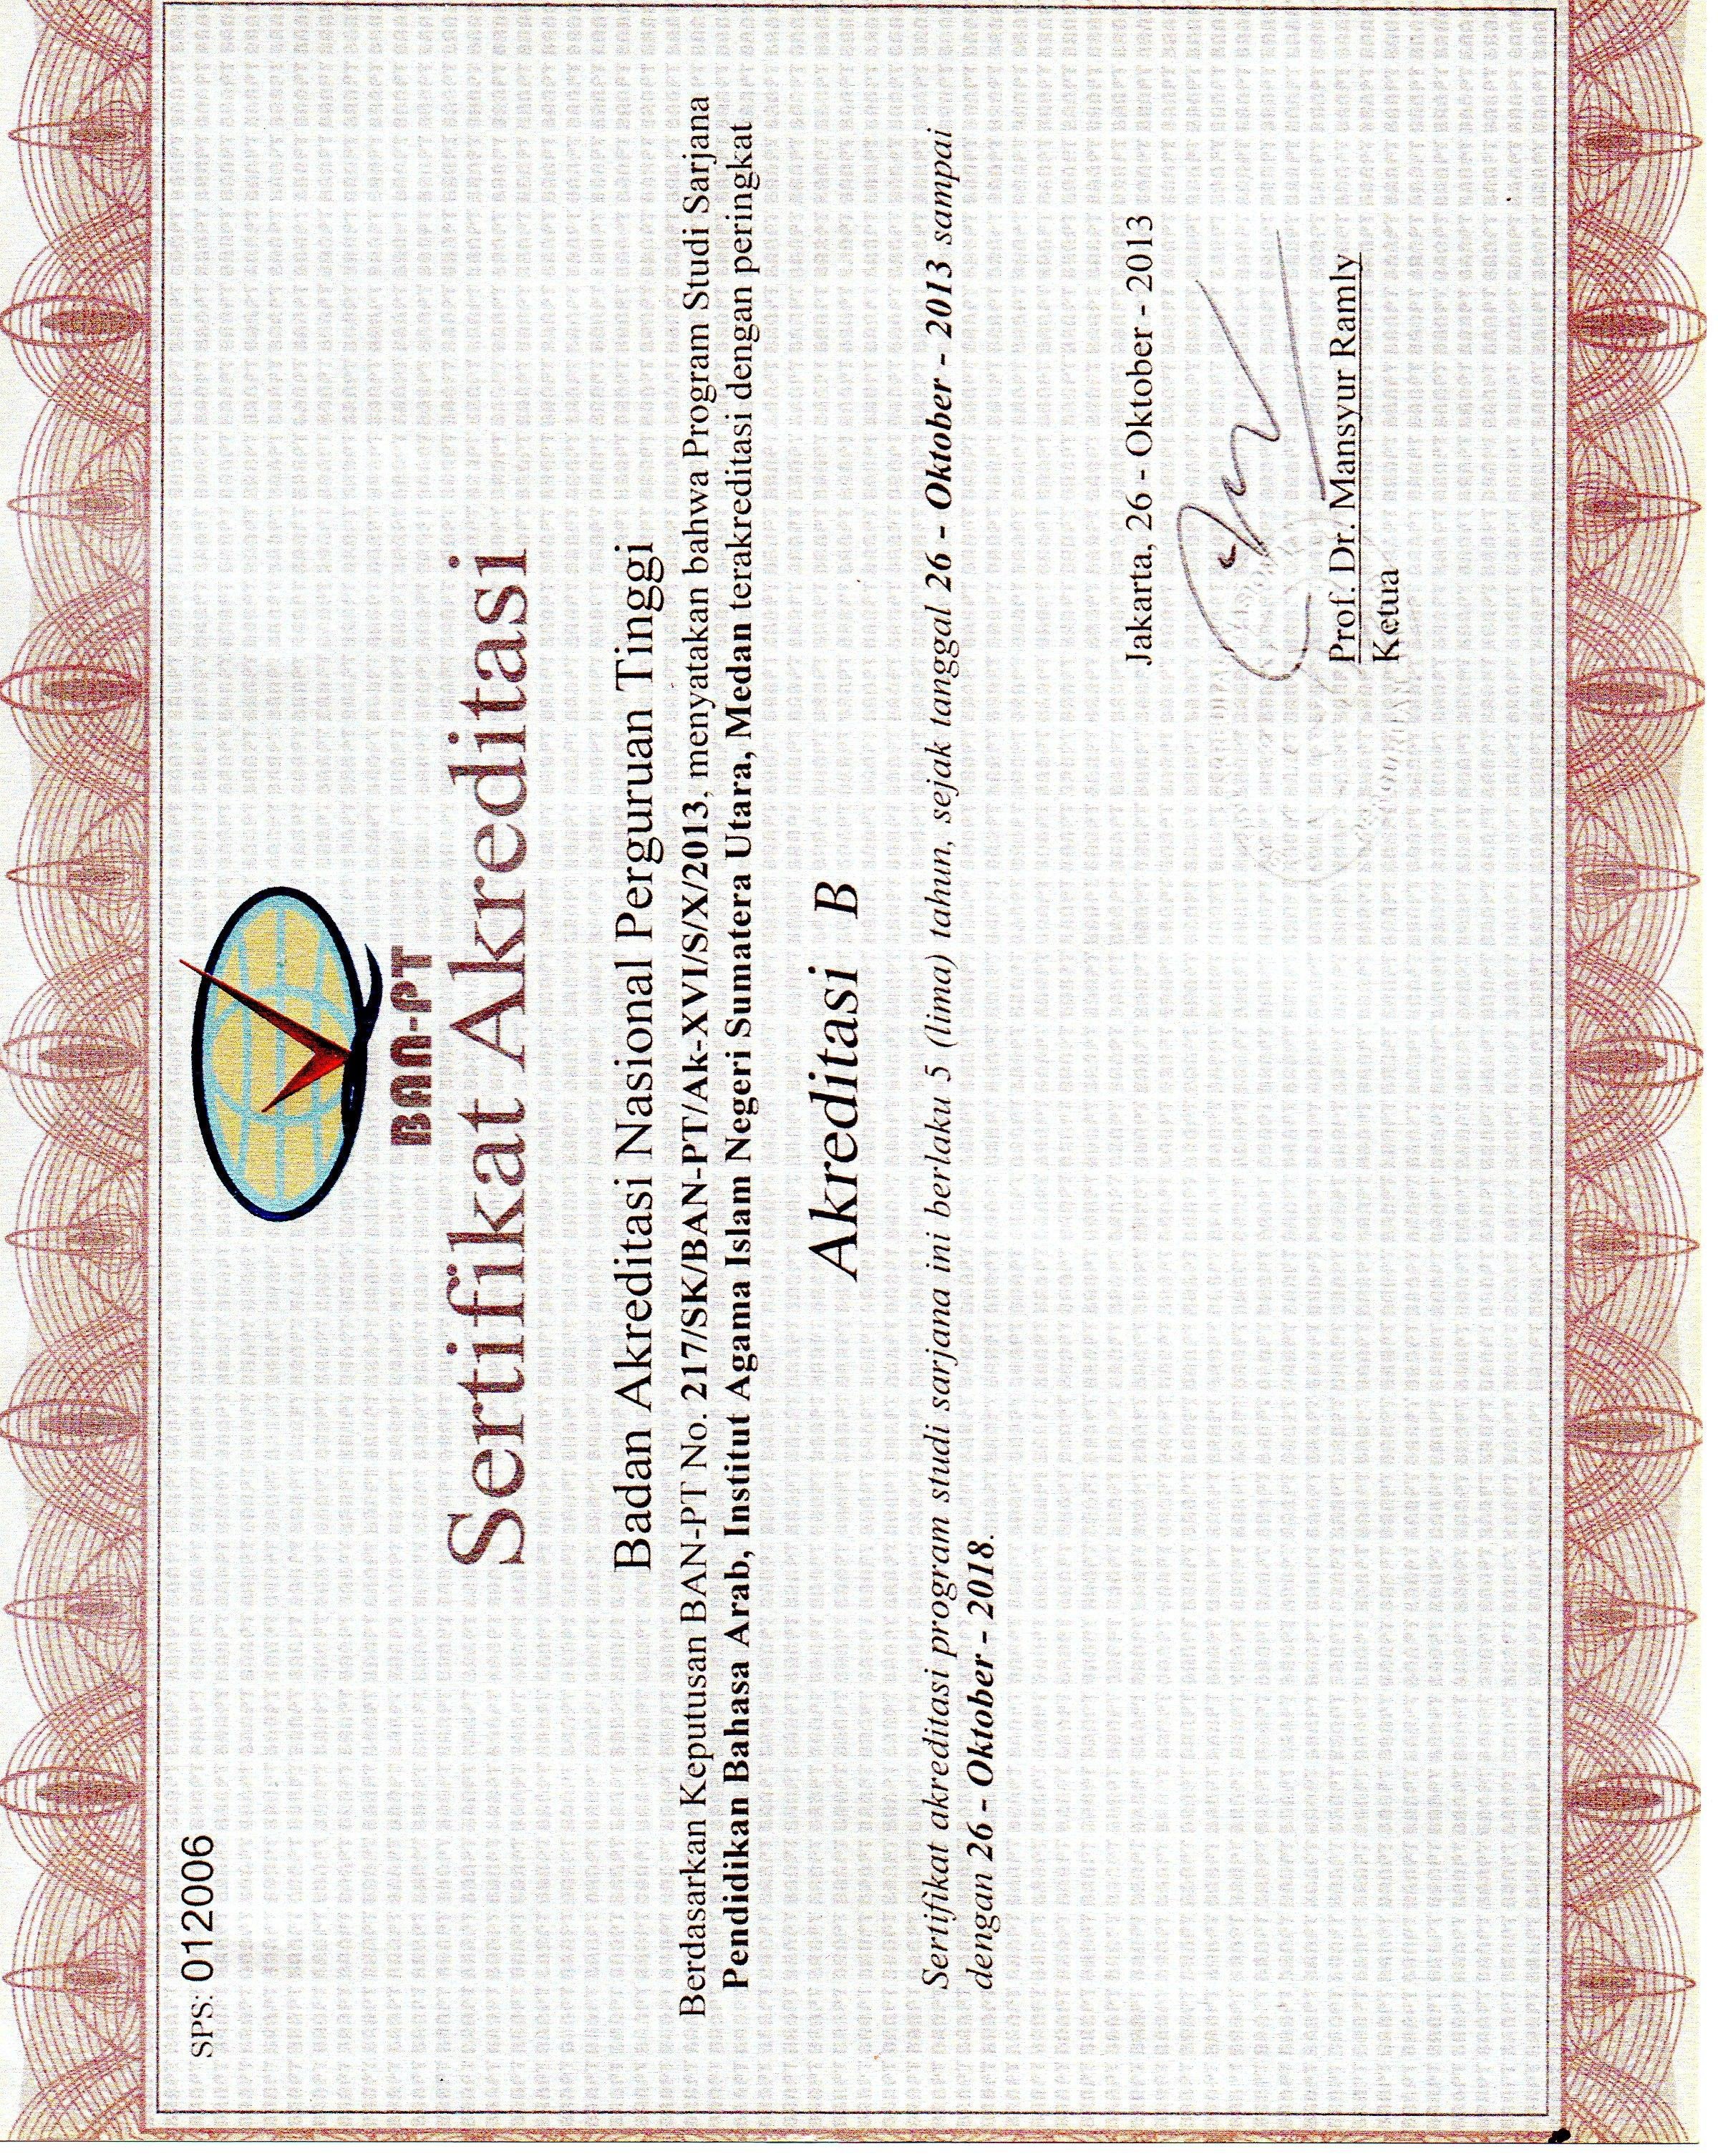 Sertifikat Akreditasi Prodi Jurusan Di Universitas Islam Negeri